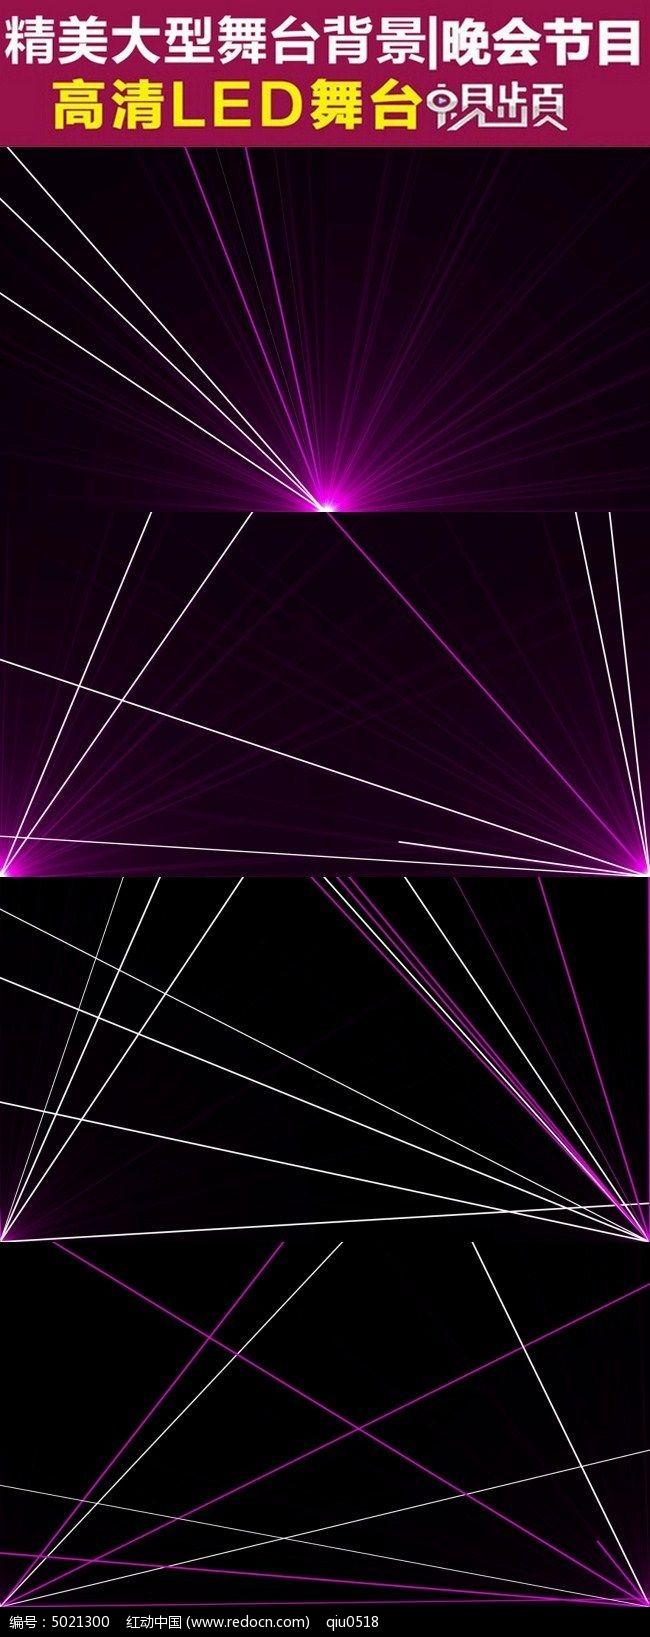 时尚的紫色镭射激光线条VJ循环视频素材图片